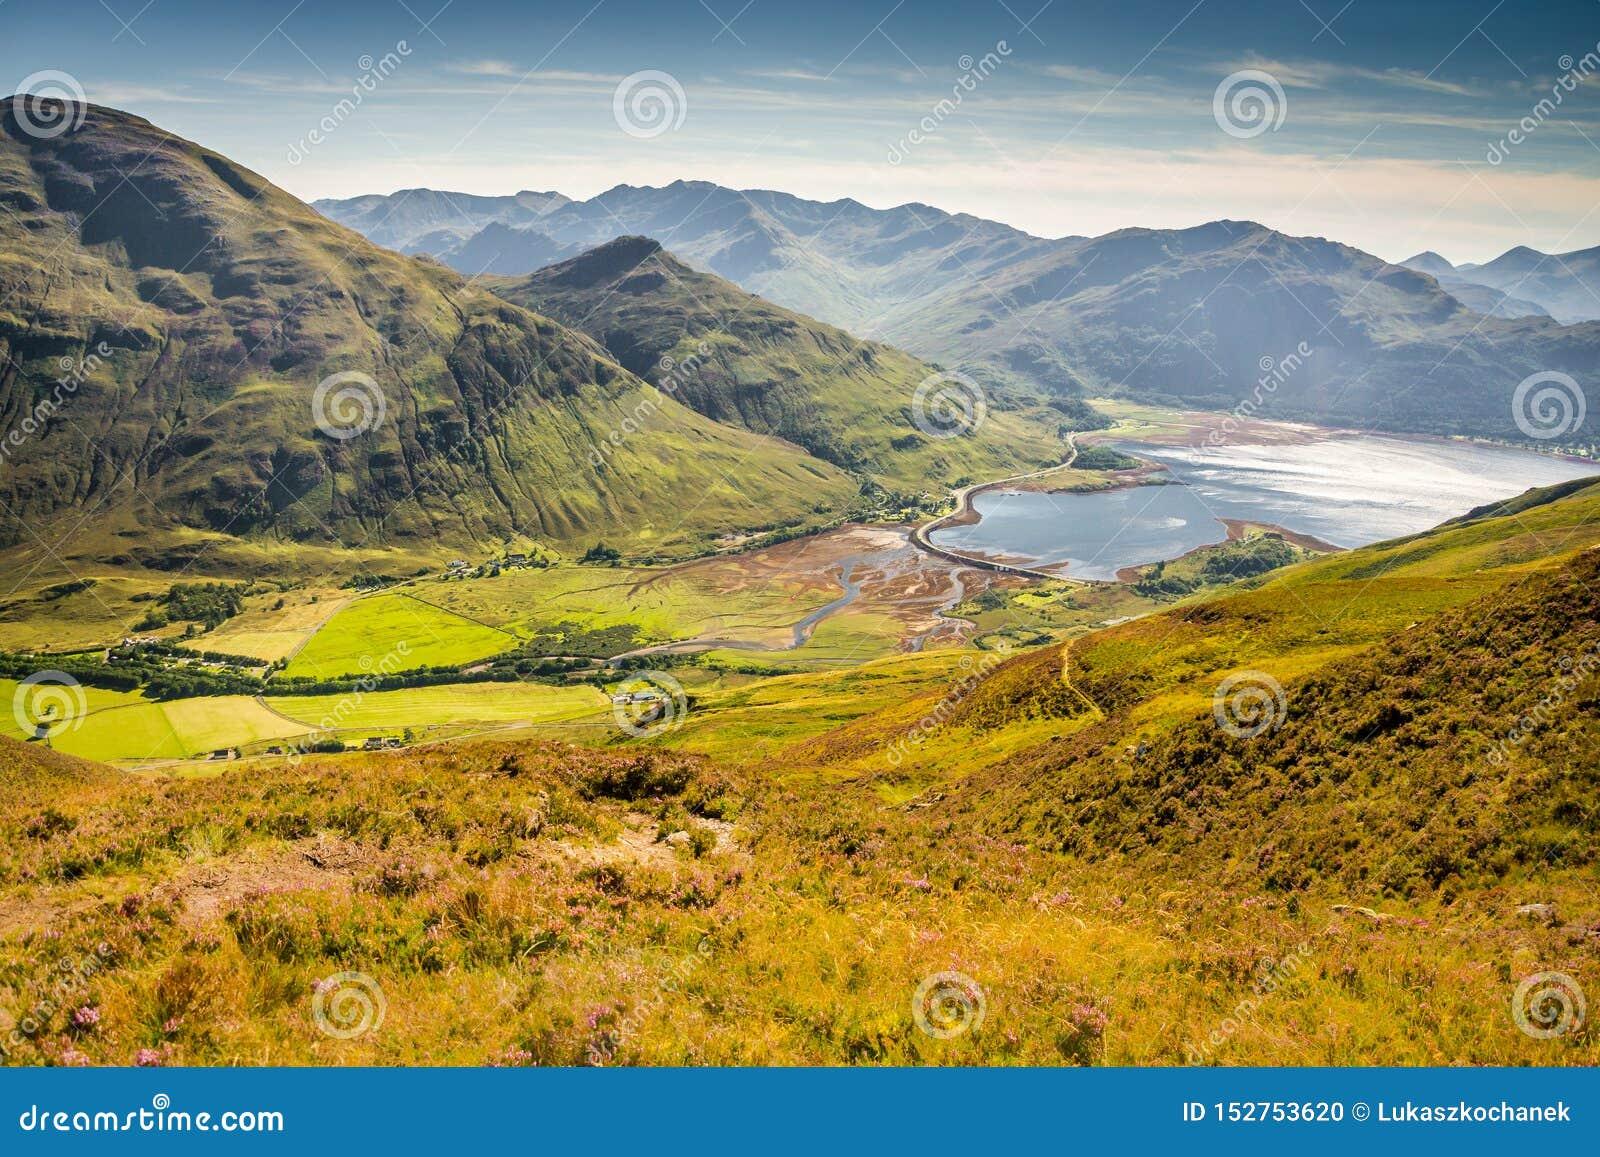 Λόφοι και βουνά κάτω από το όμορφο φως από μέσα από τα σύννεφα και το πράσινο δυτικό Χάιλαντς λόφων στη Σκωτία, που ενώνεται